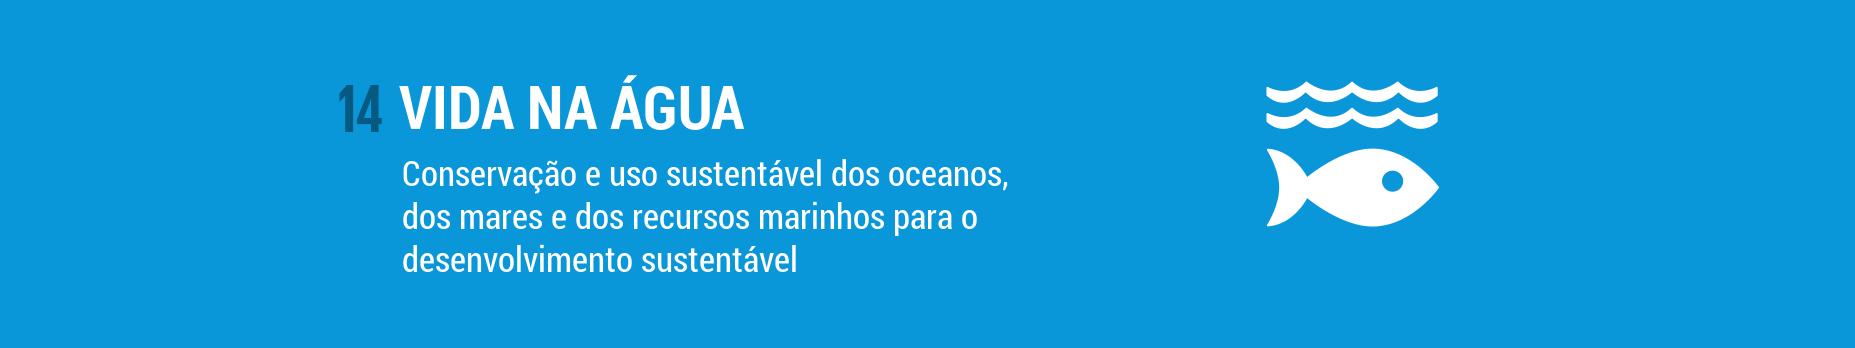 ODS14